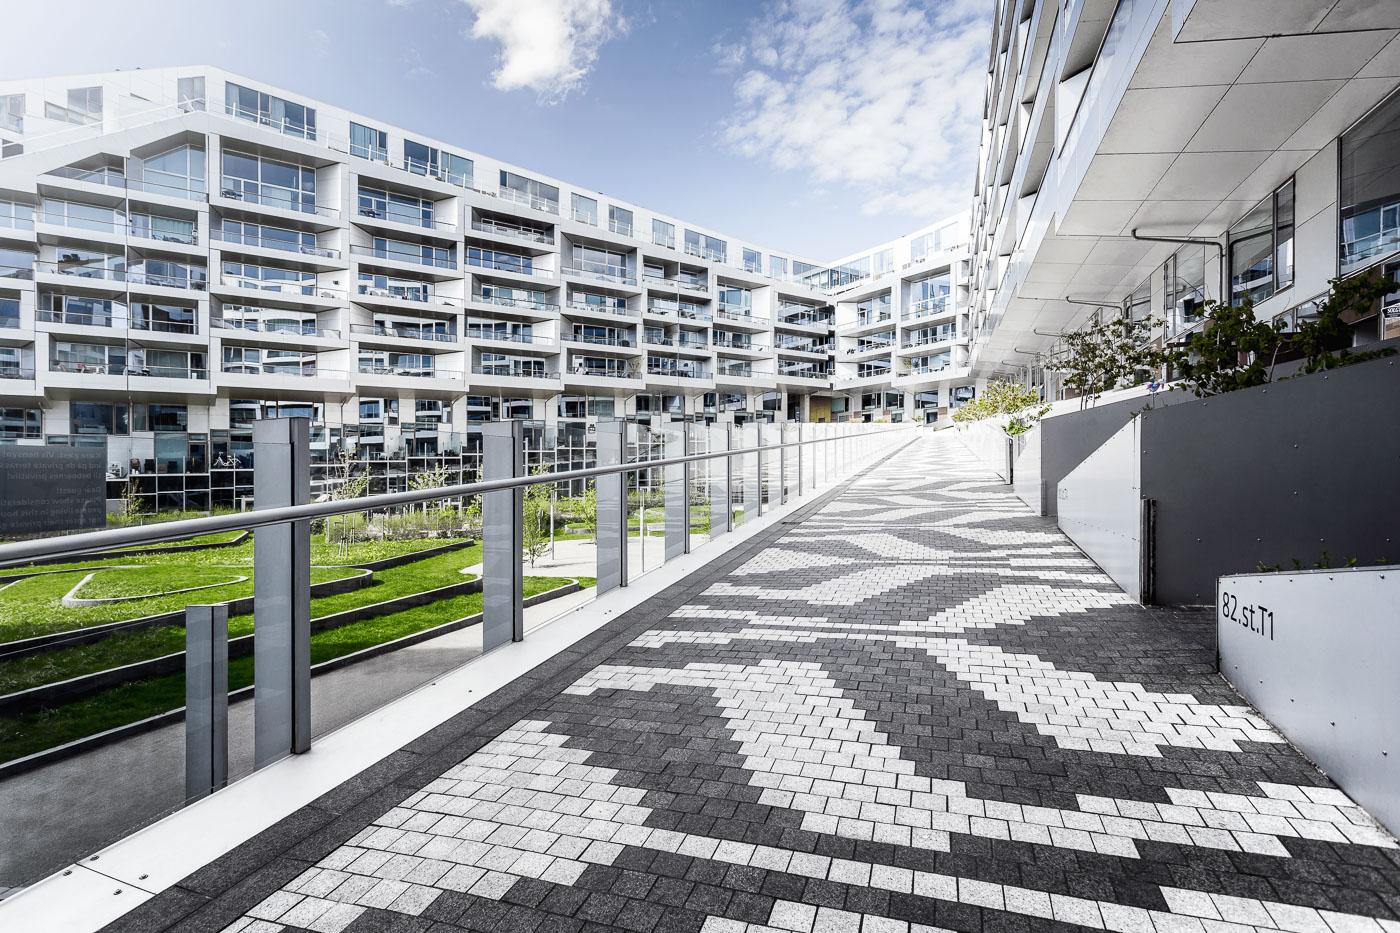 8 House Copenhagen by Bjarke Ingels Group